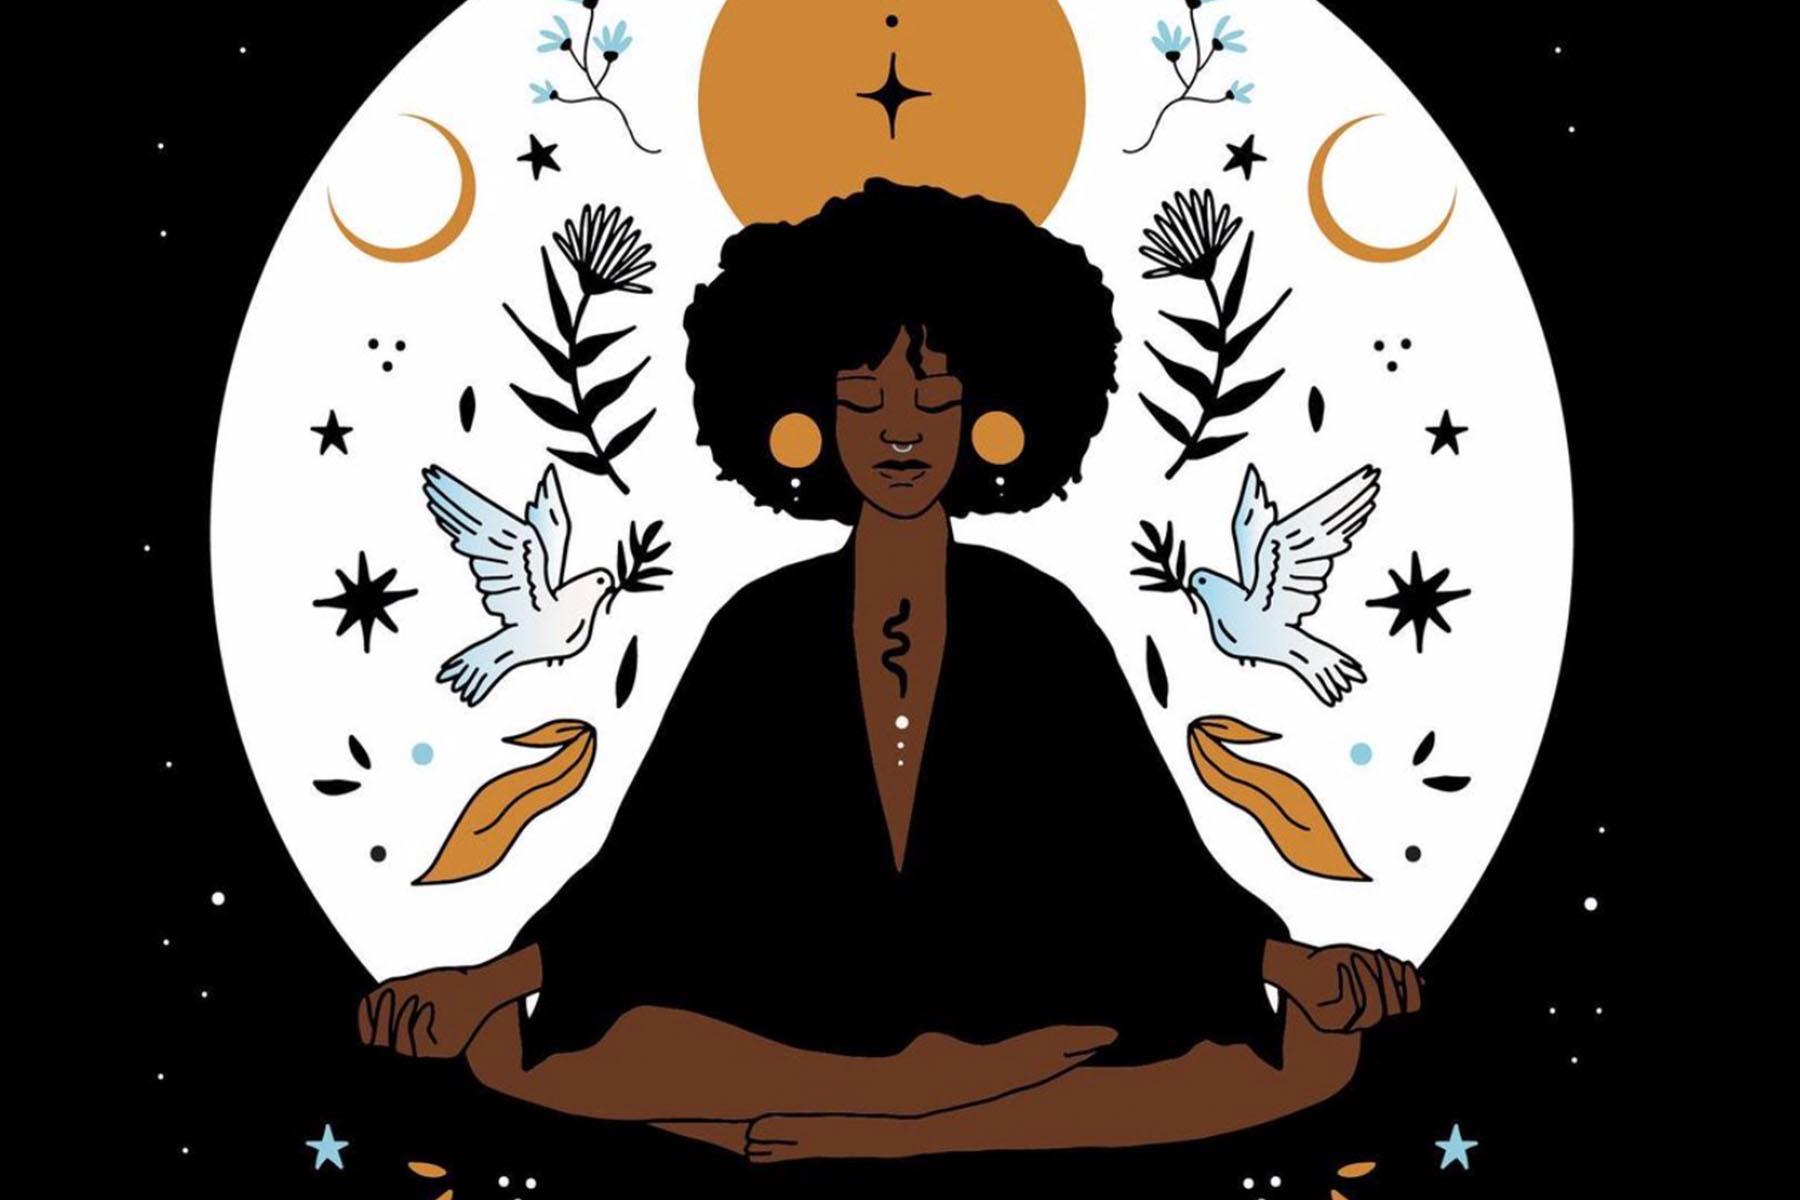 June 2021 Full Moon in Capricorn Horoscopes